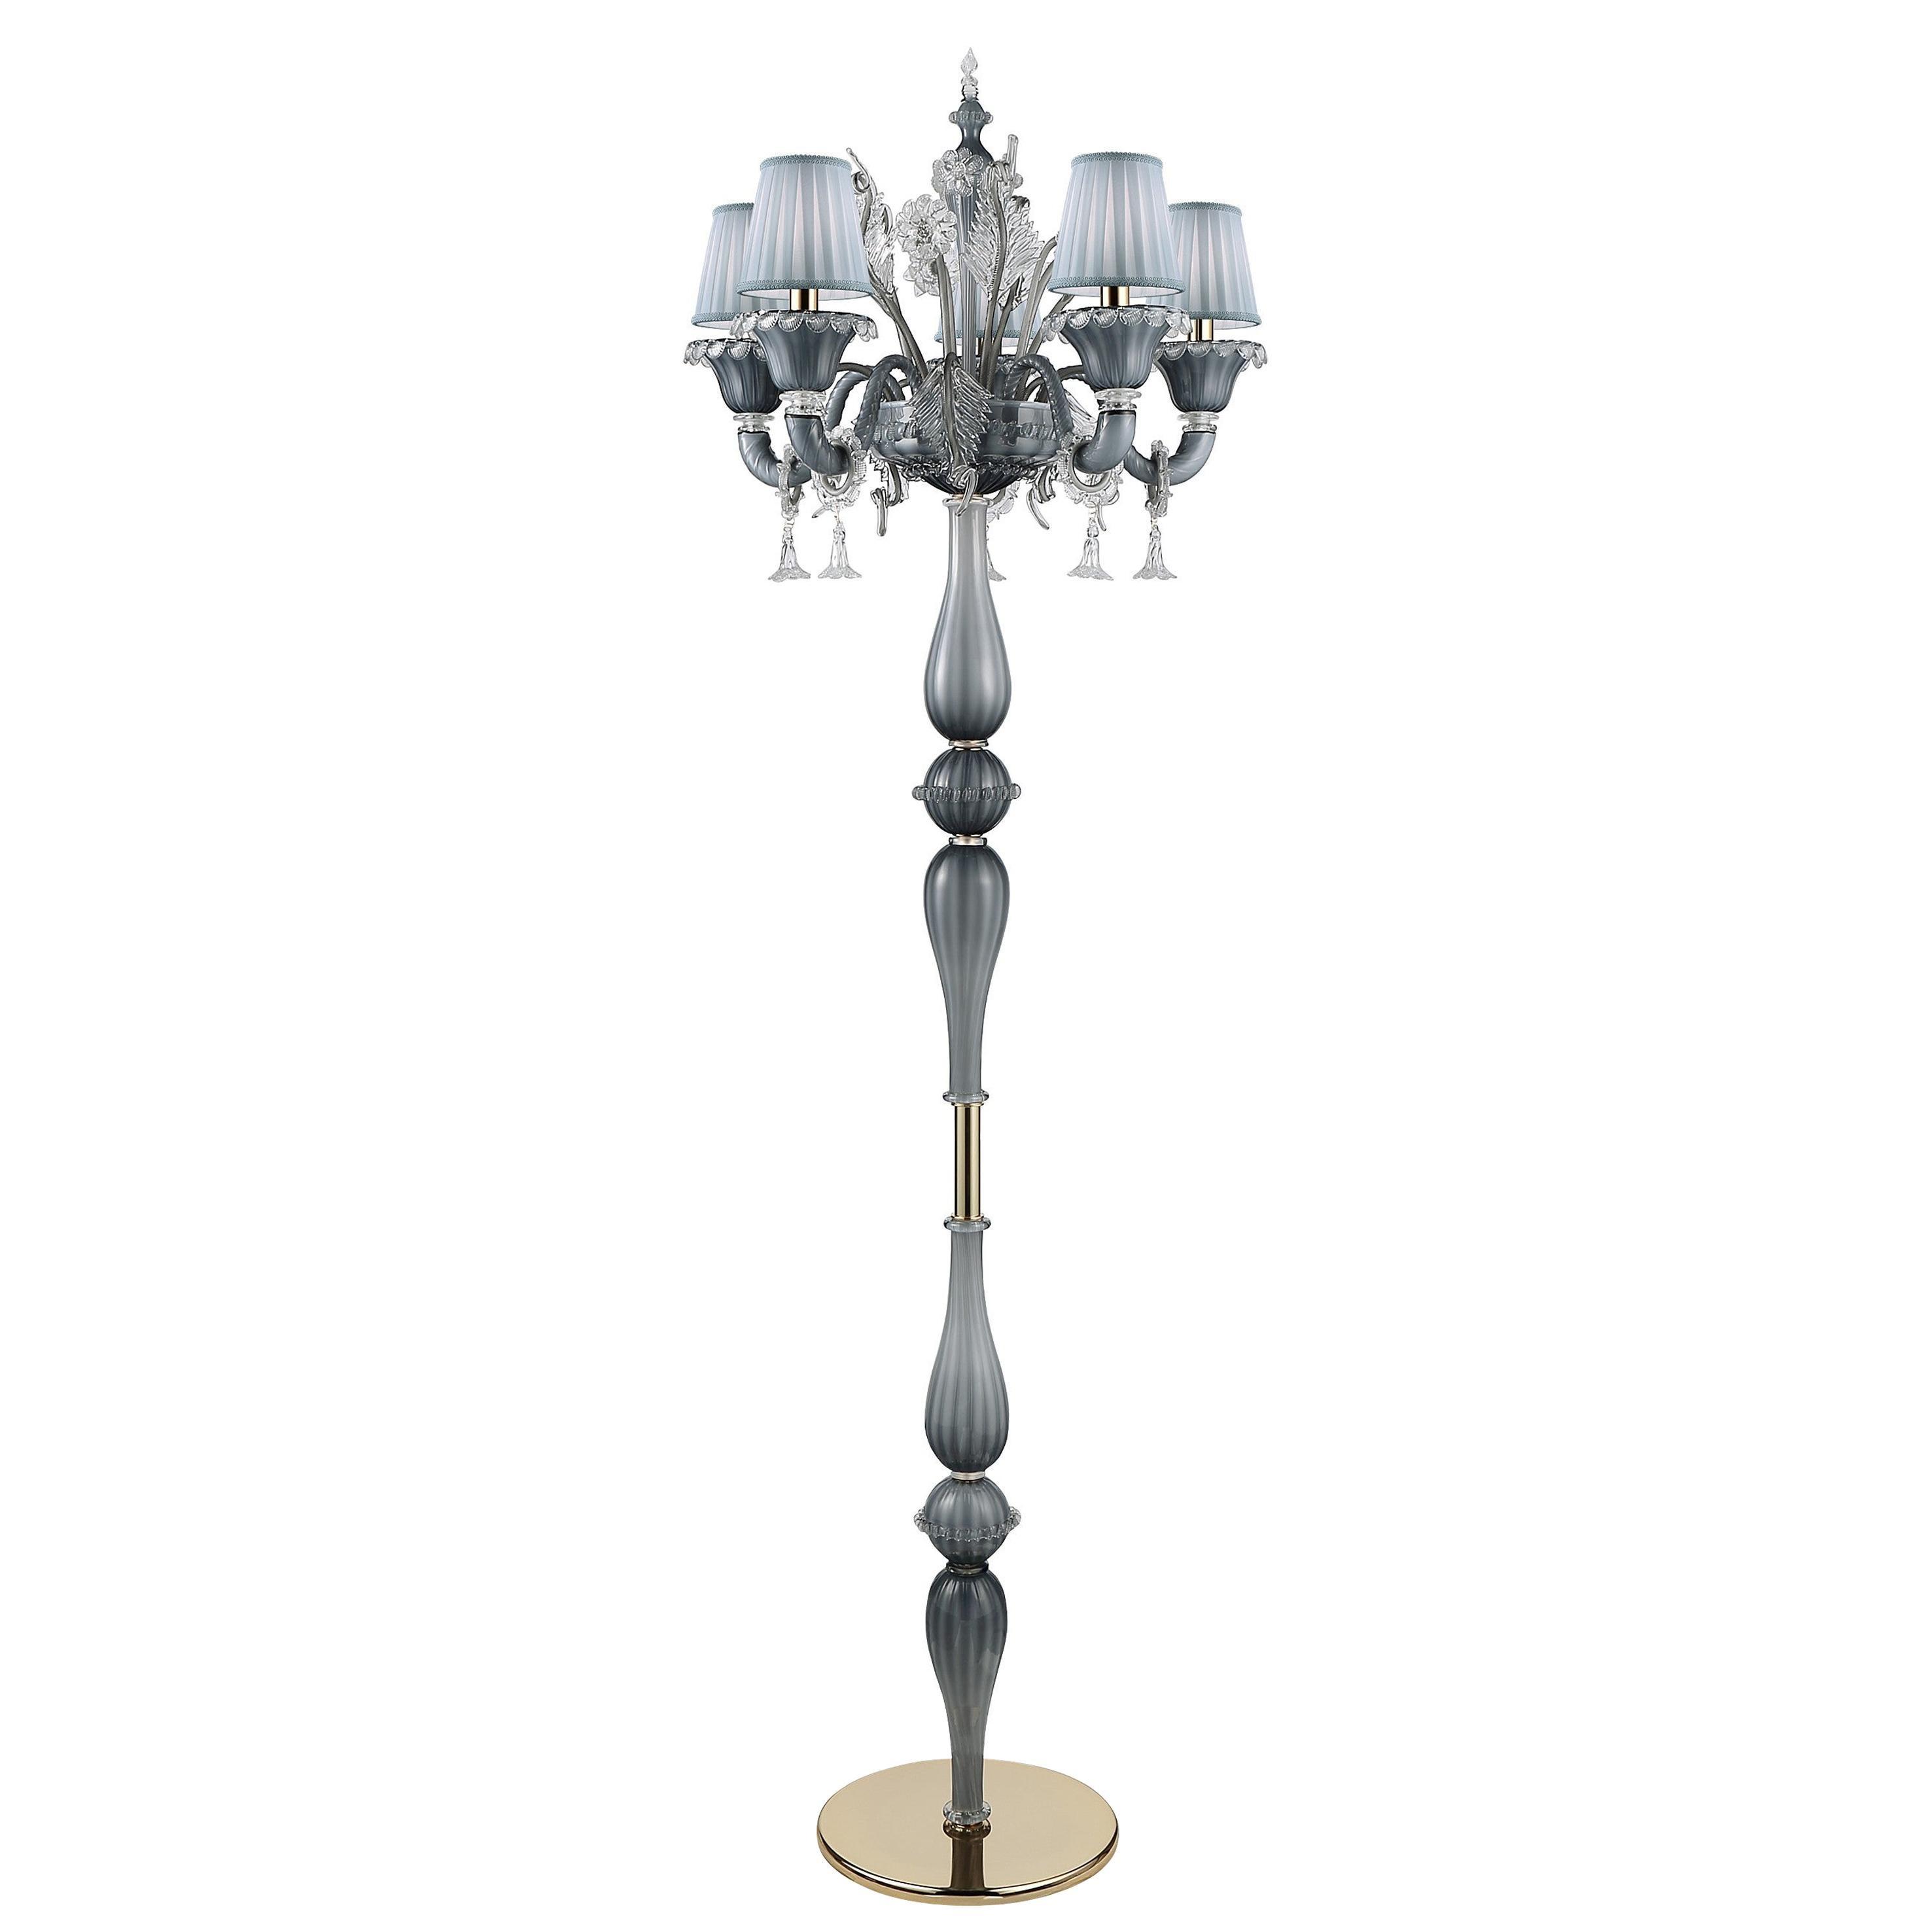 Artistic Handmade Murano Glass Floor Lamp Veneziano by La Murrina